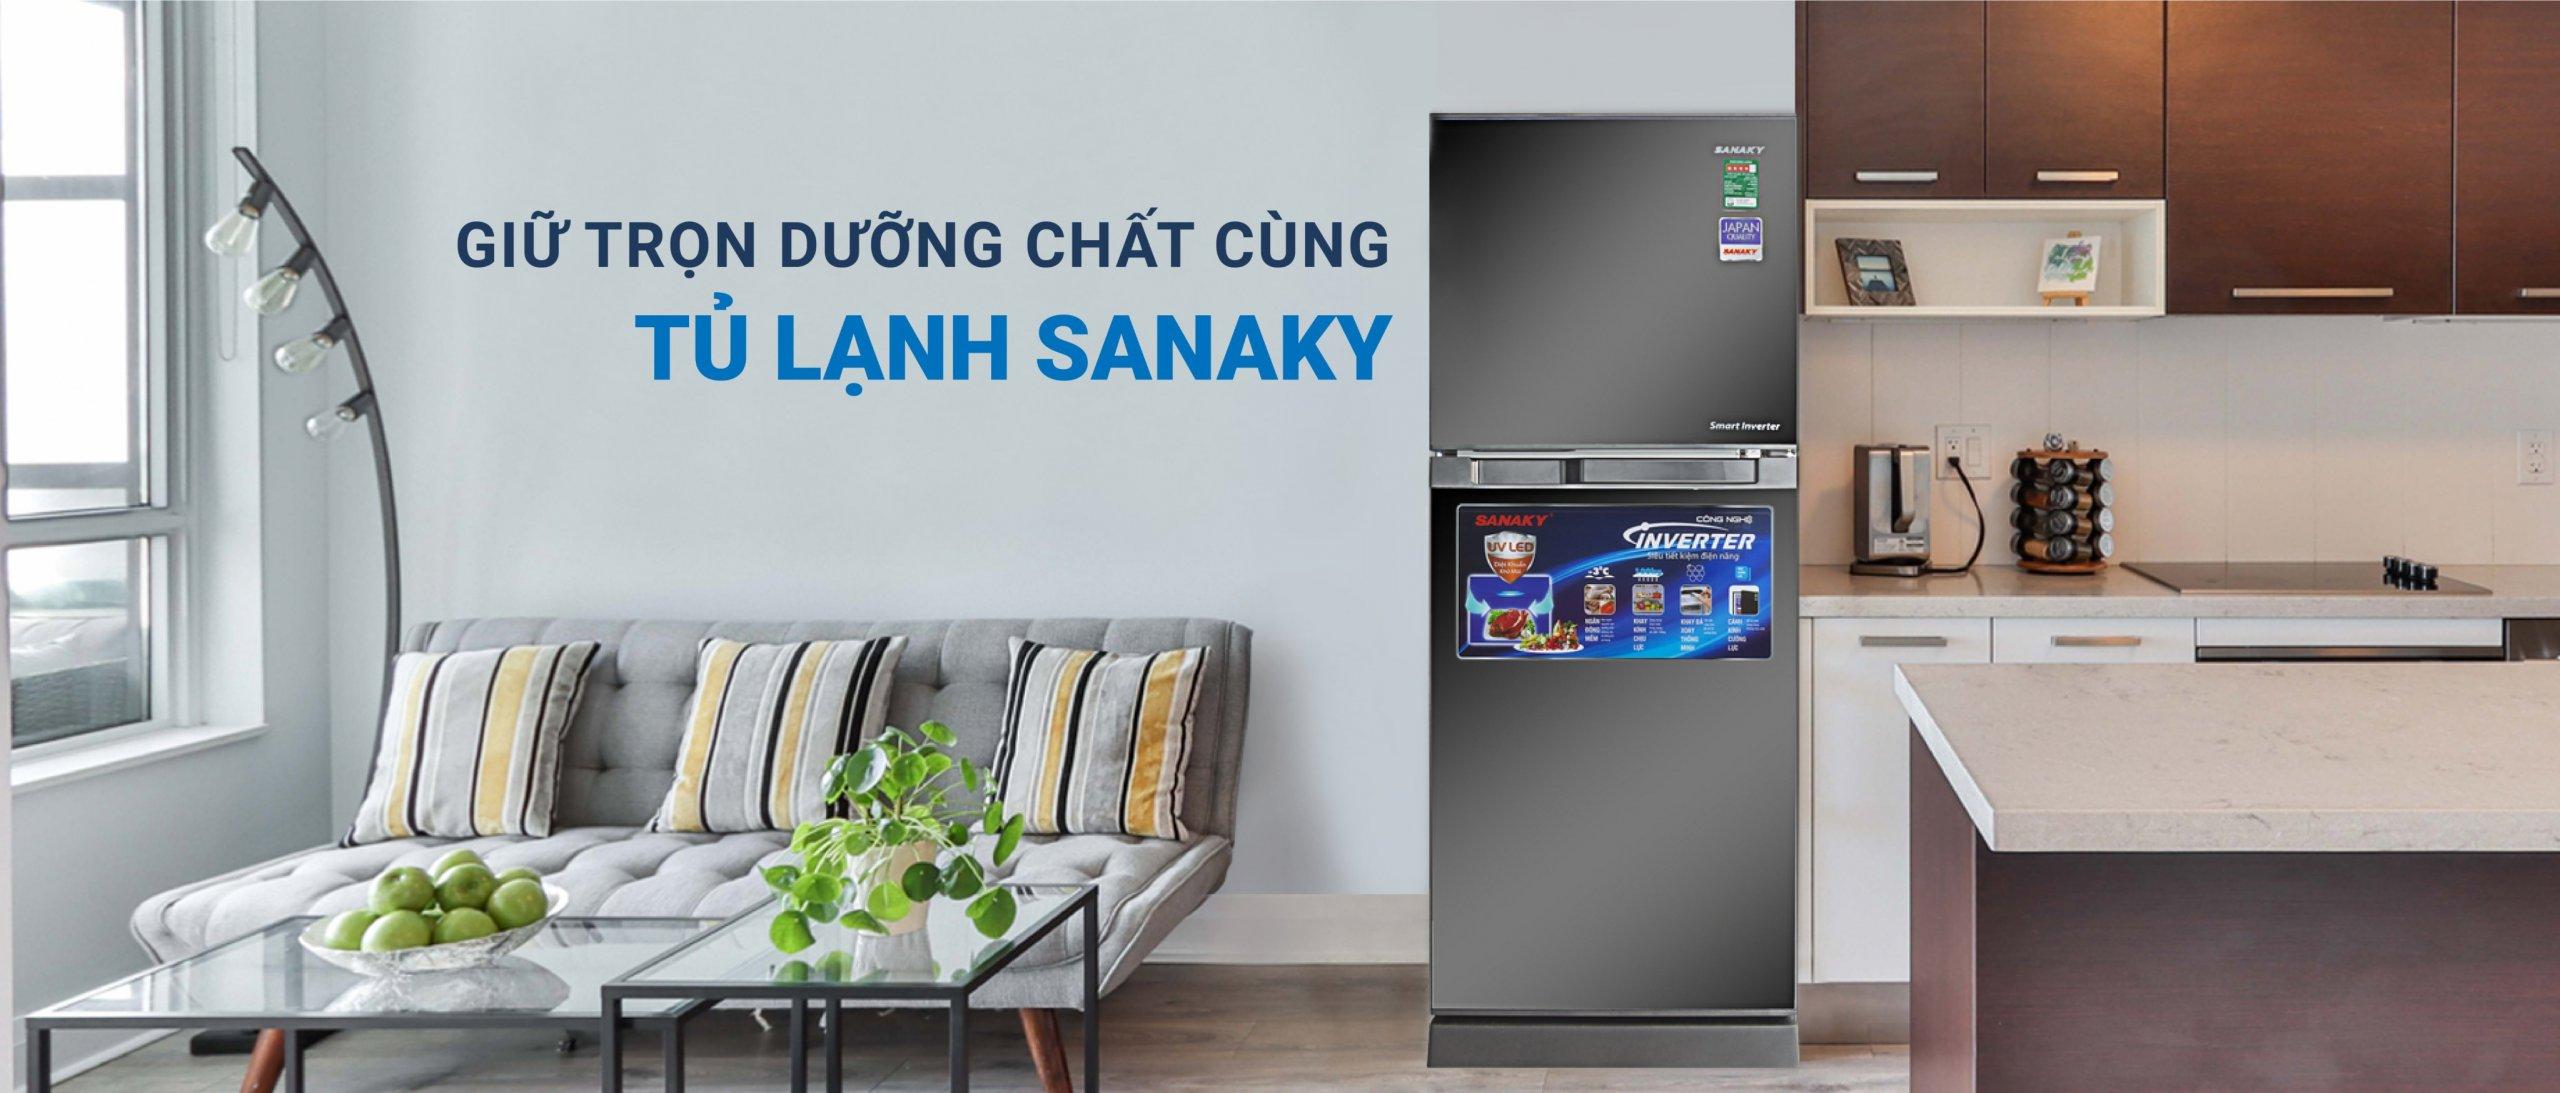 Sanaky Việt Nam - Thương hiệu điện lạnh, điện gia dụng, máy biến áp